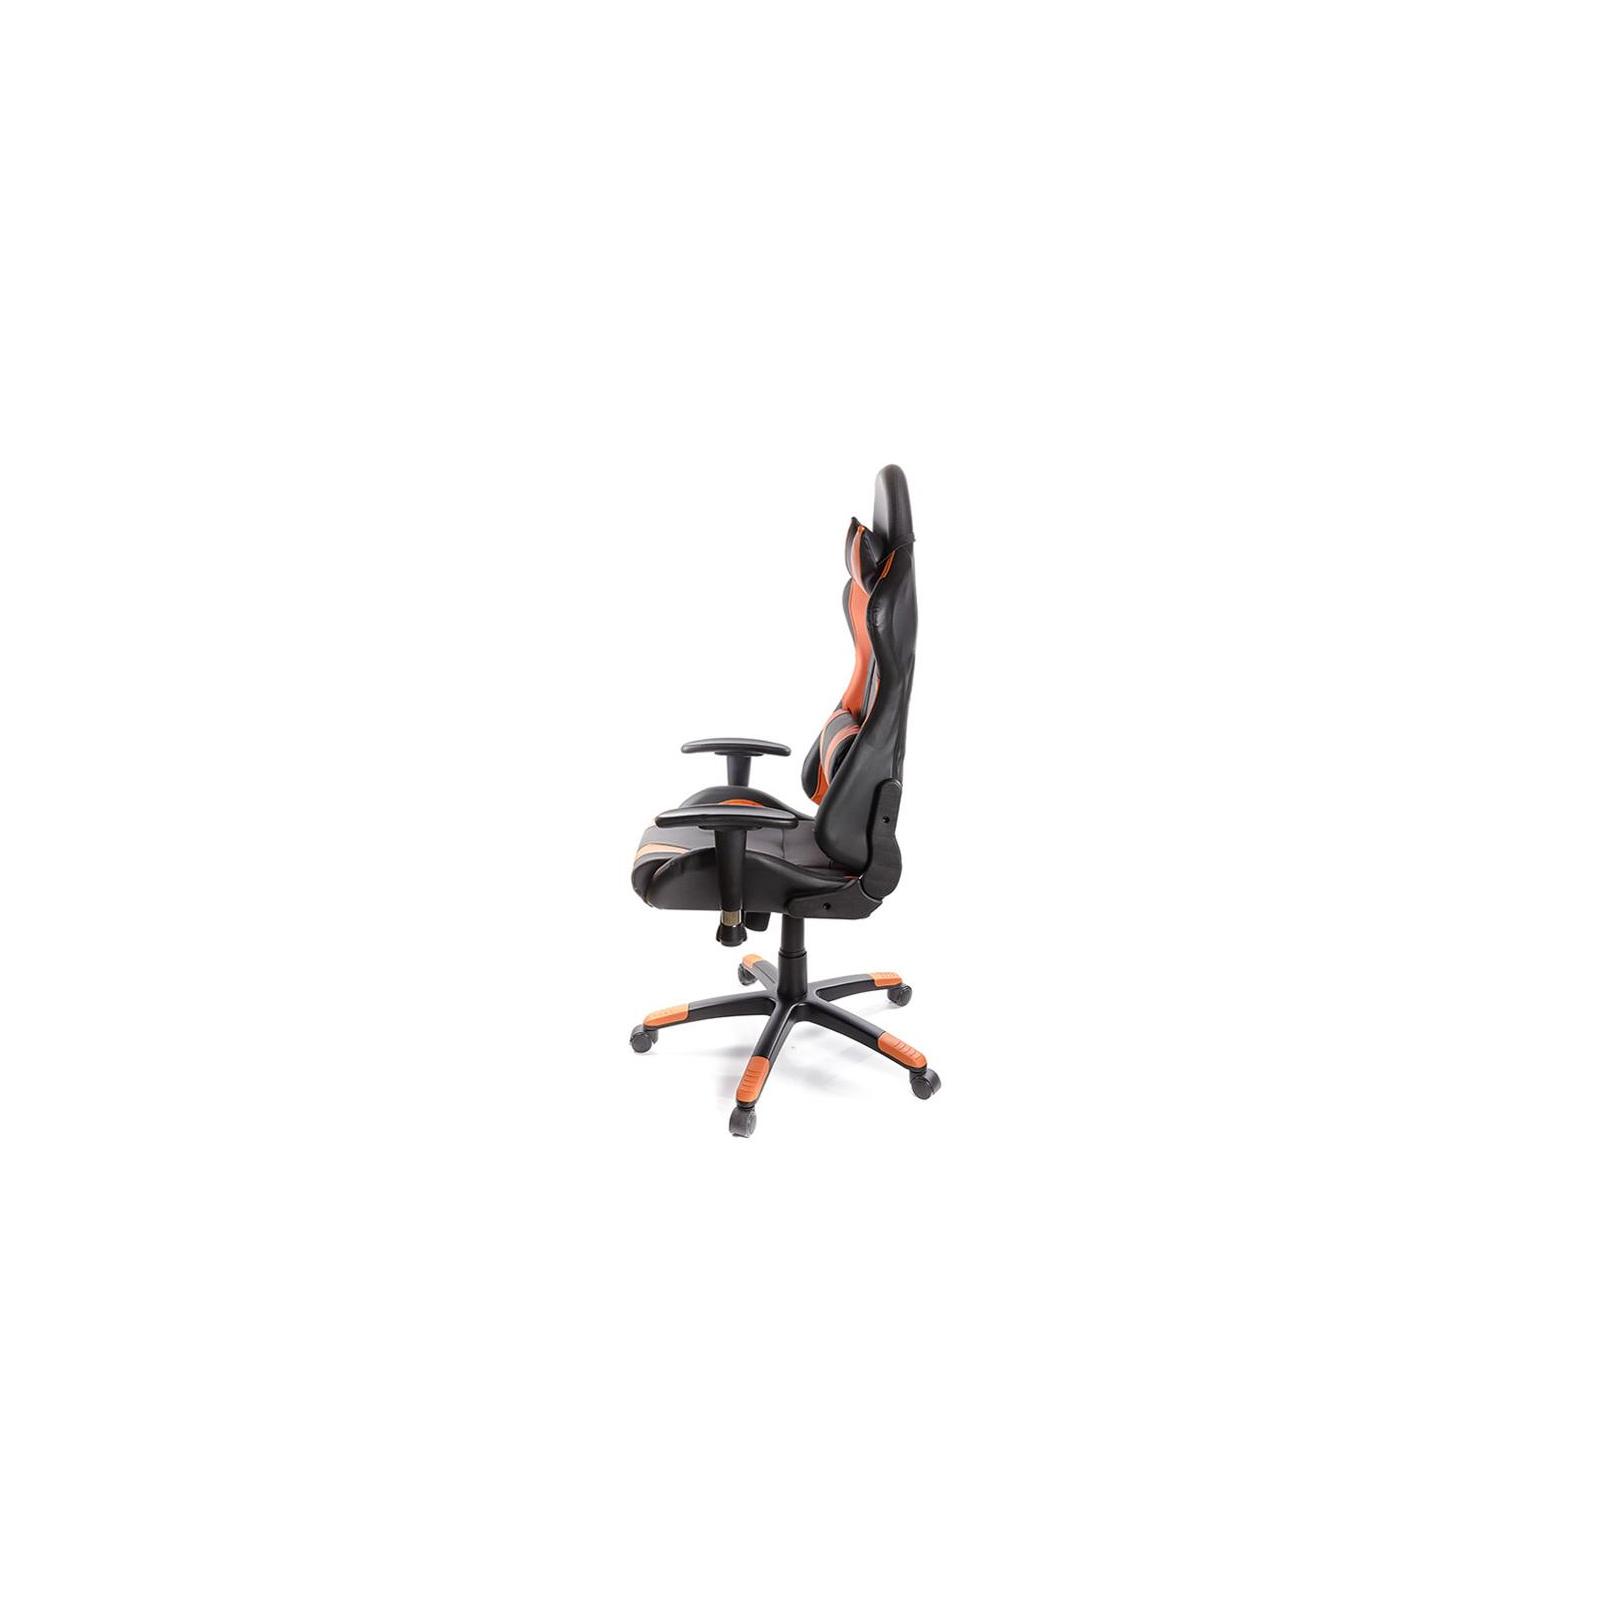 Кресло игровое АКЛАС Хорнет PL RL Оранжевое (06155) изображение 3